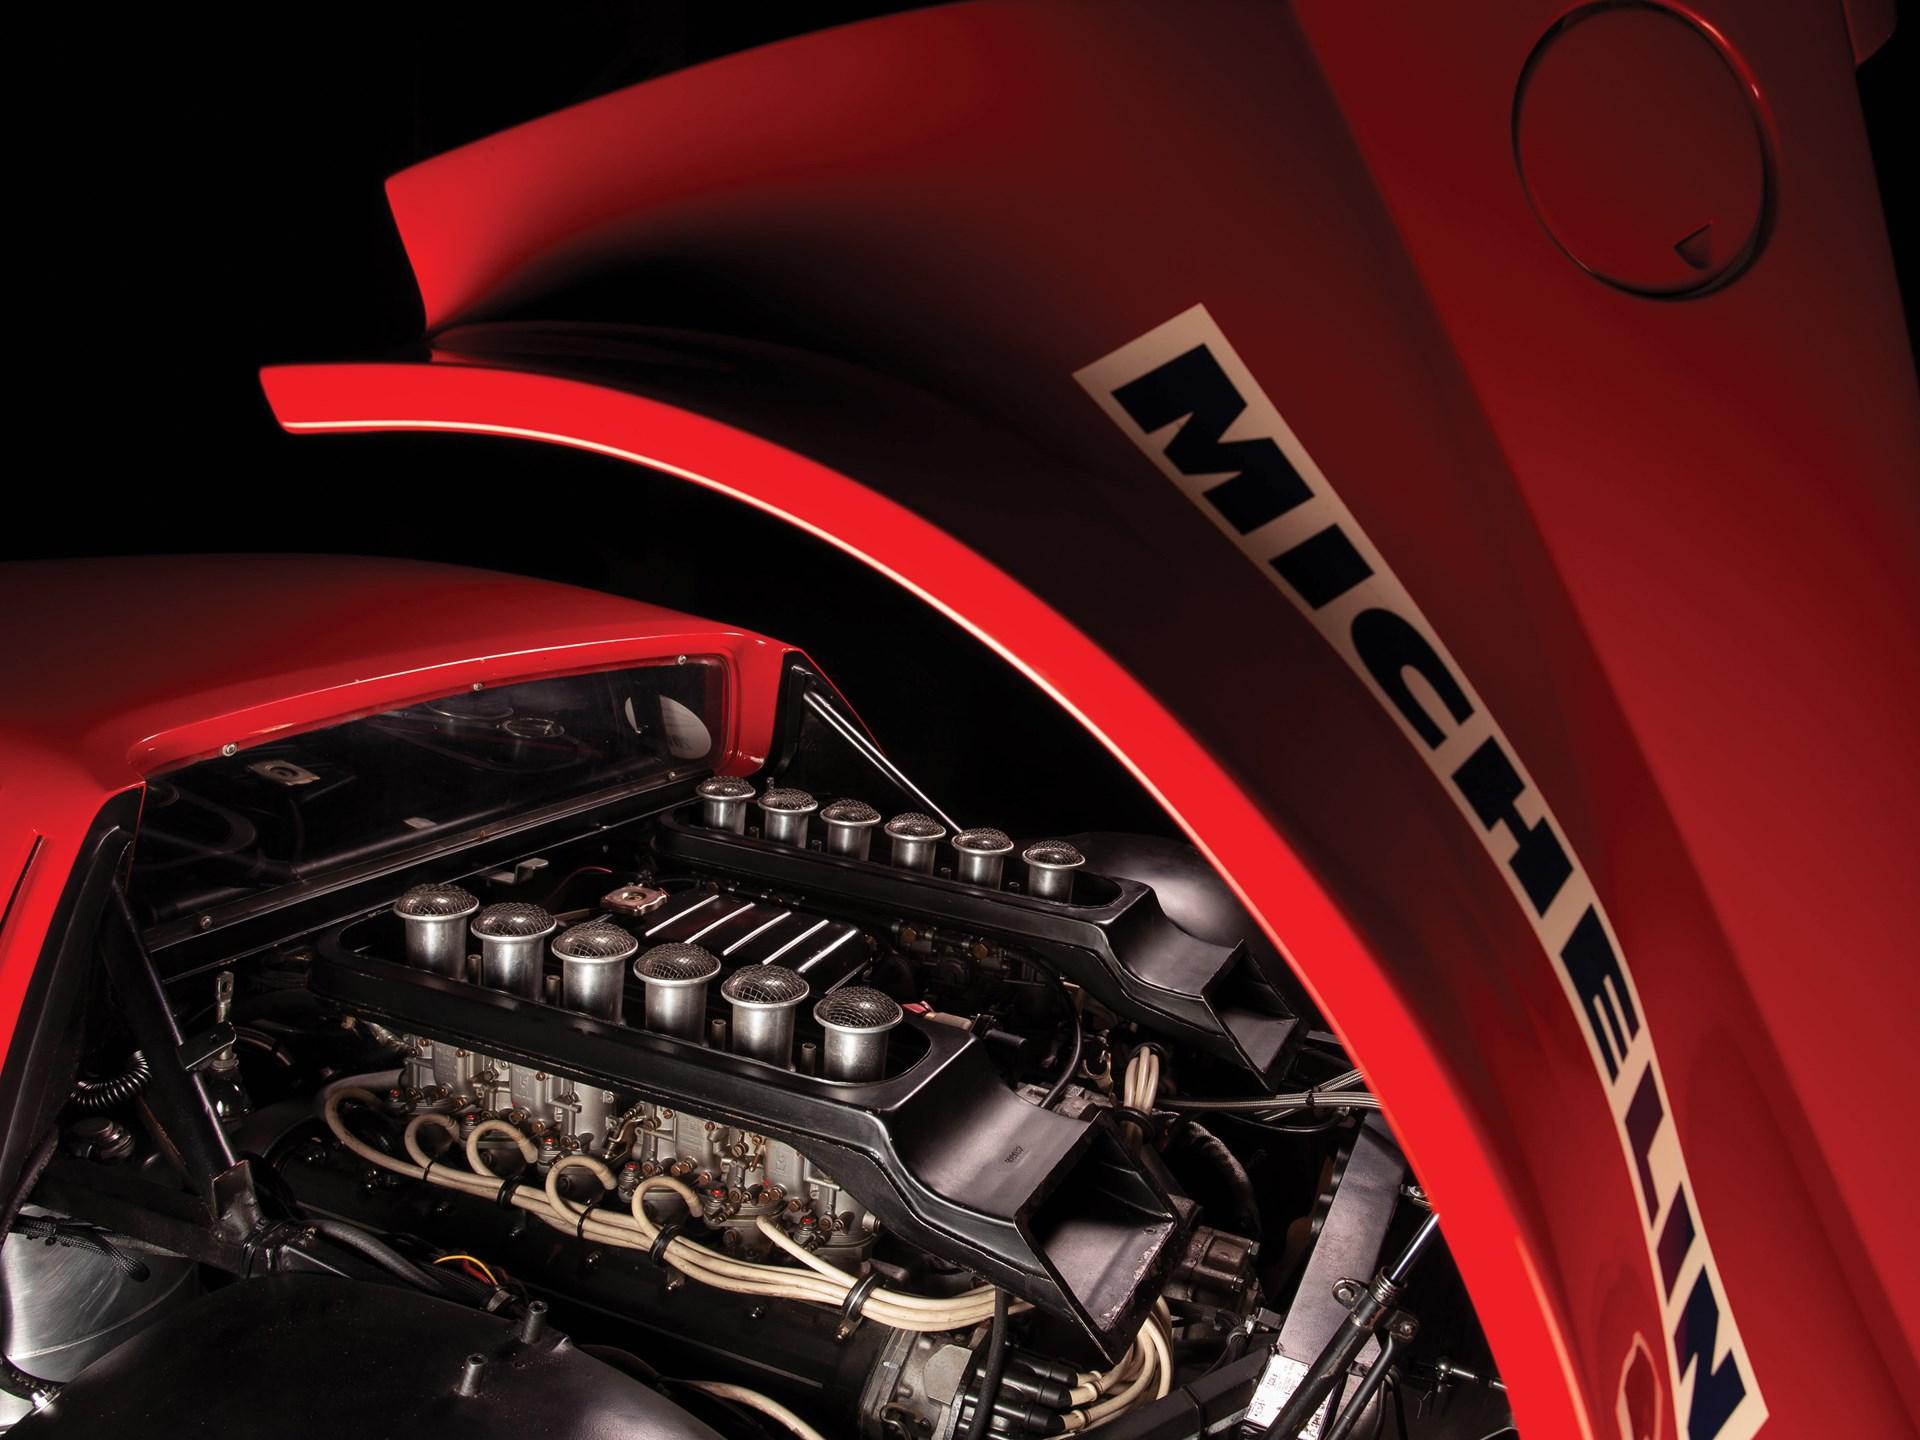 1980 Ferrari 512 BB Competizione V12 engine